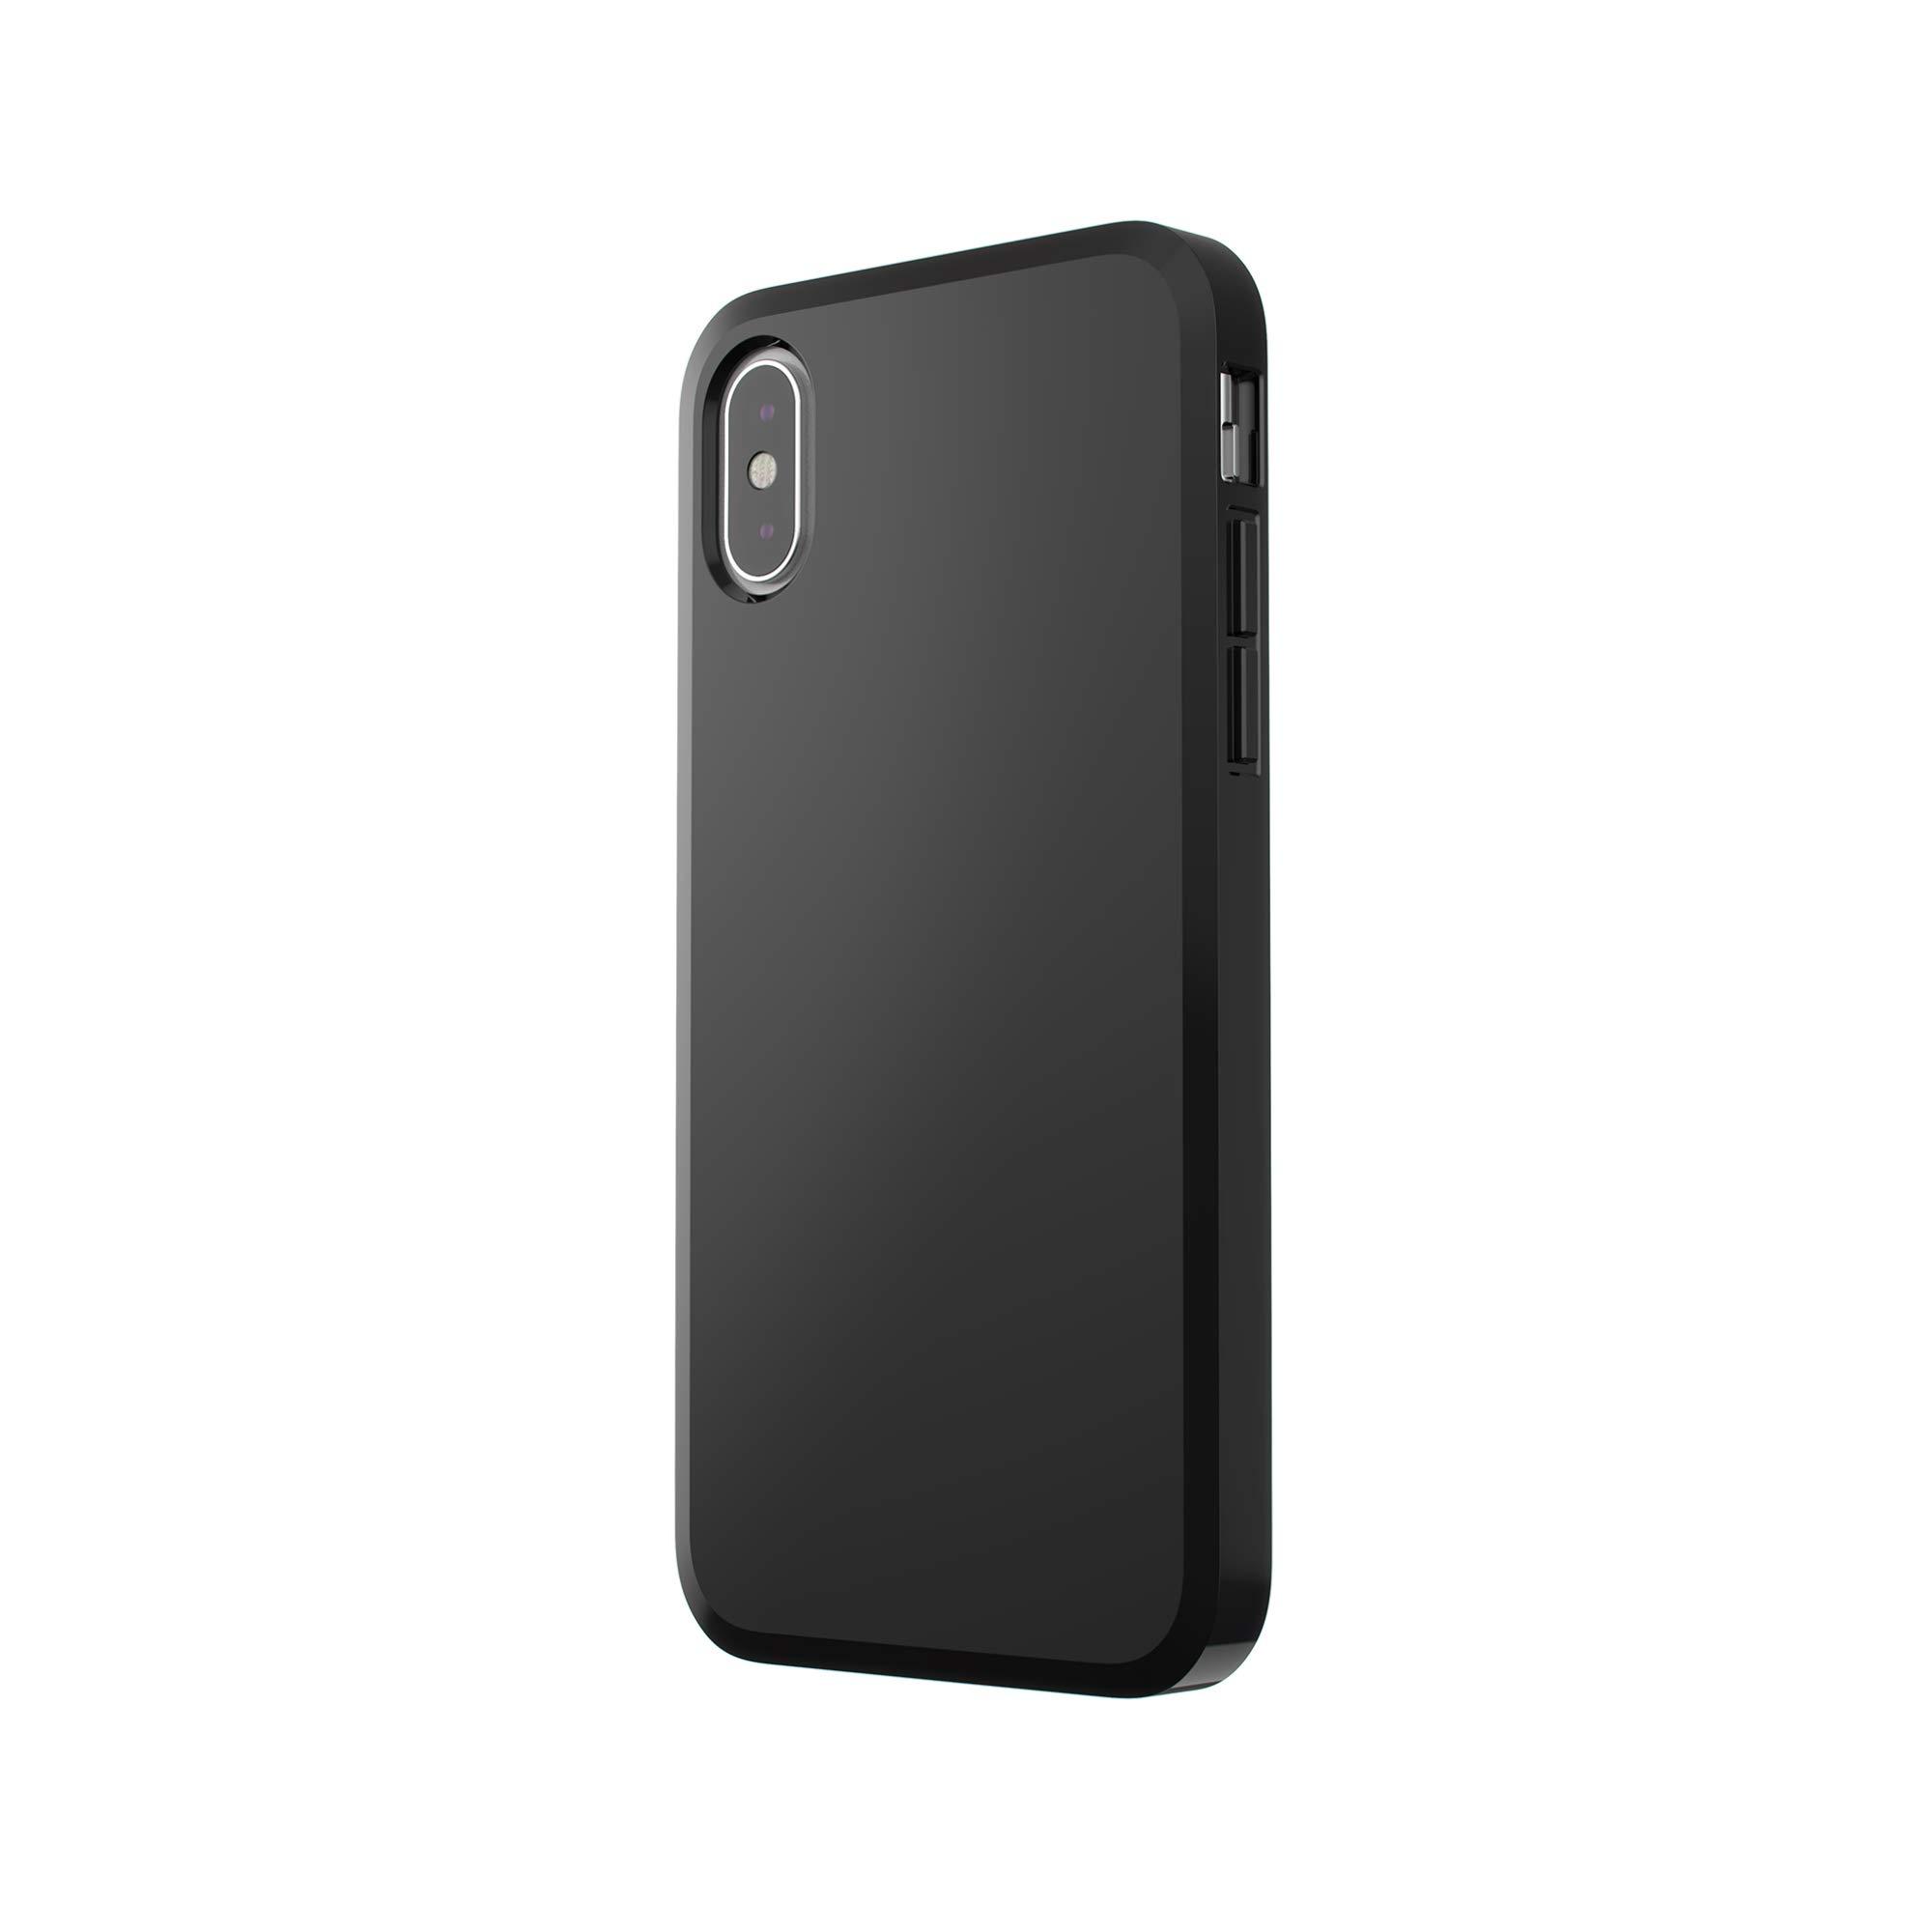 Amazon Basics Slim Case for iPhone XS, Black